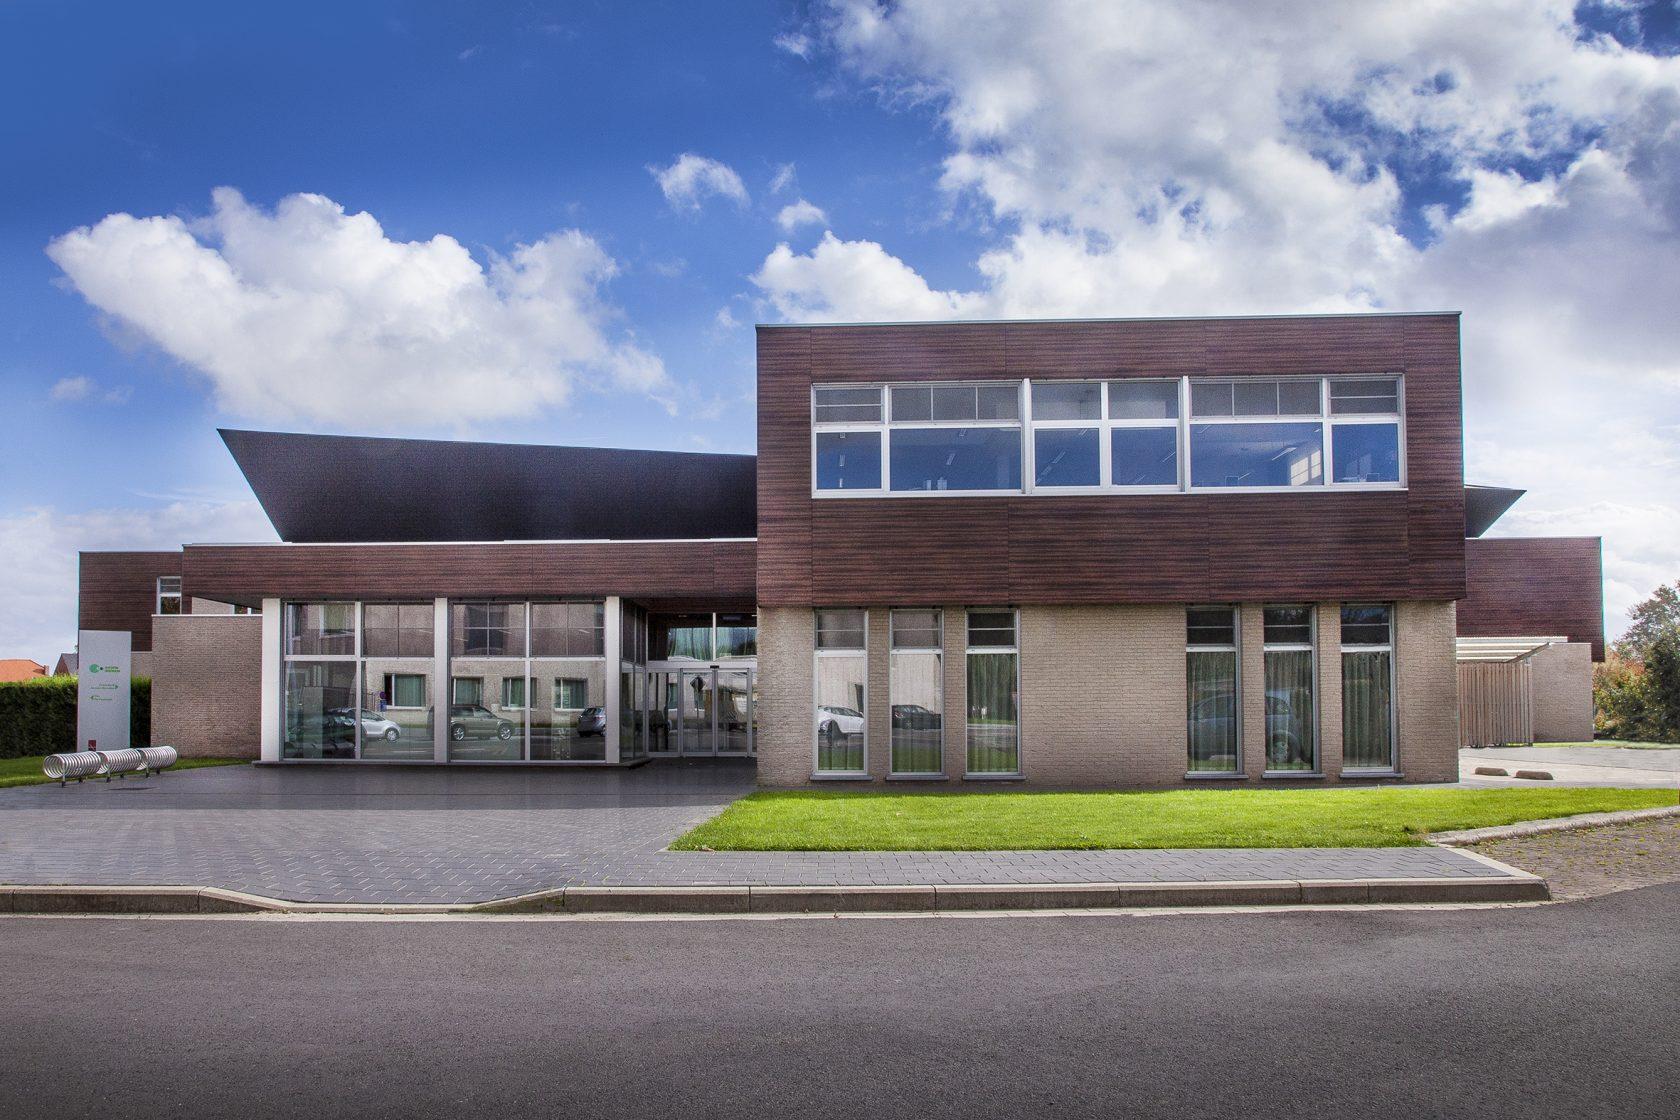 OCMW kantoor Menen - architectuur